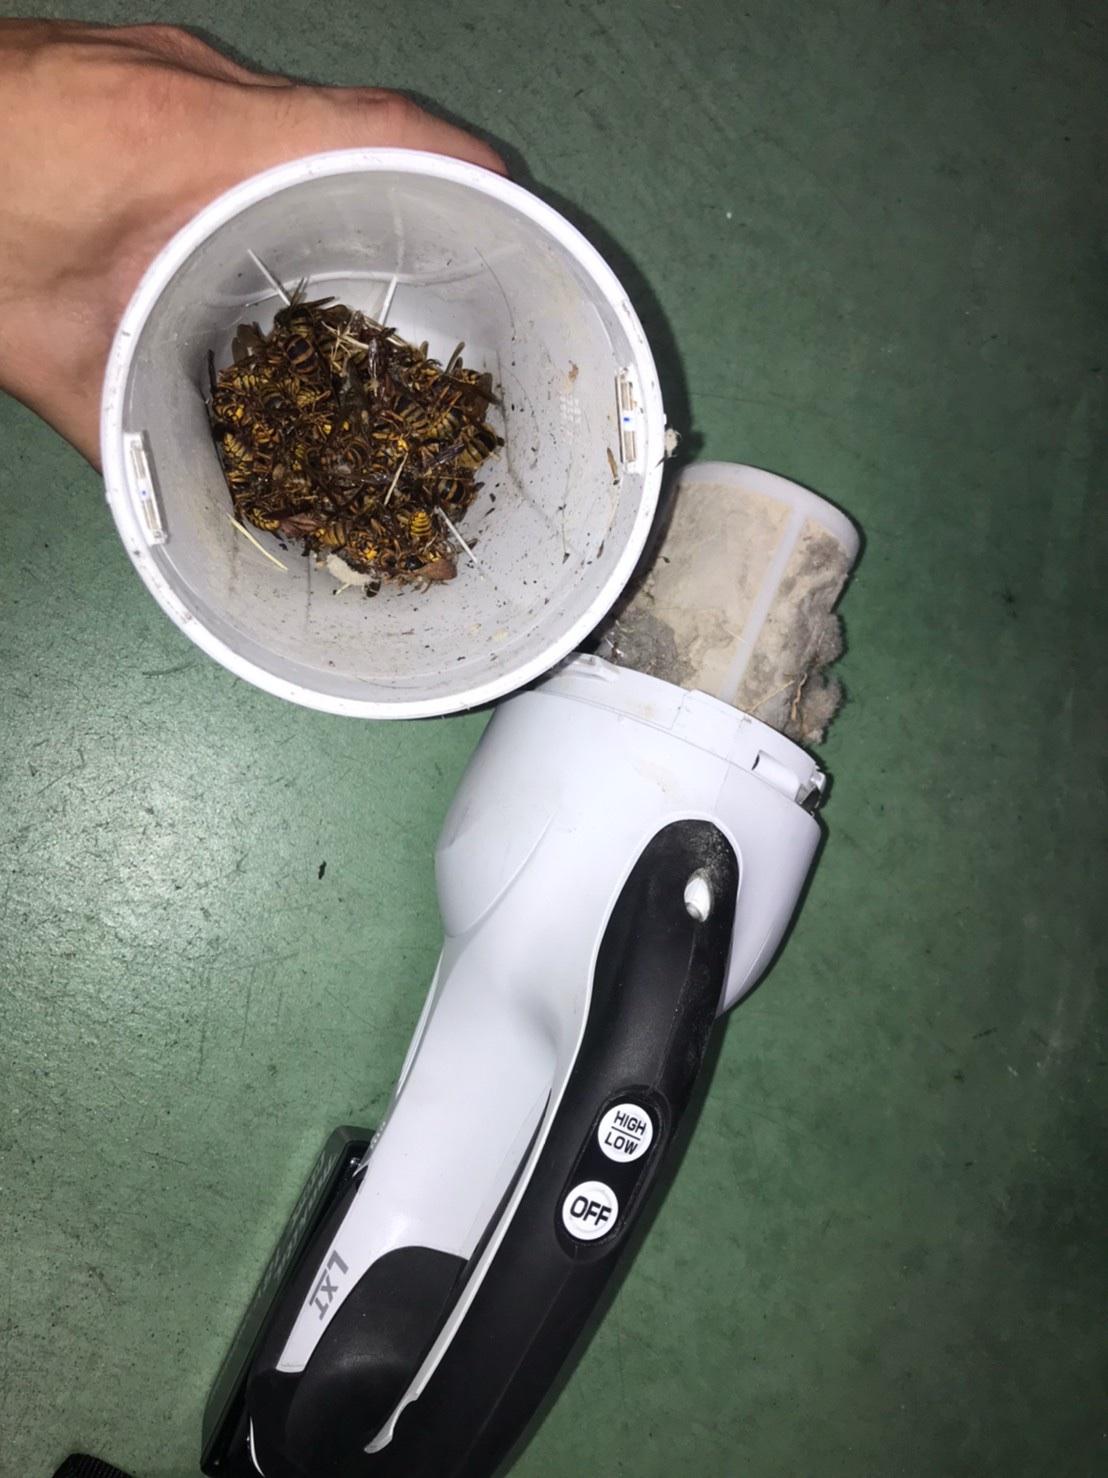 東近江市スズメバチ駆除、キイロスズメバチを掃除機で吸ってみた